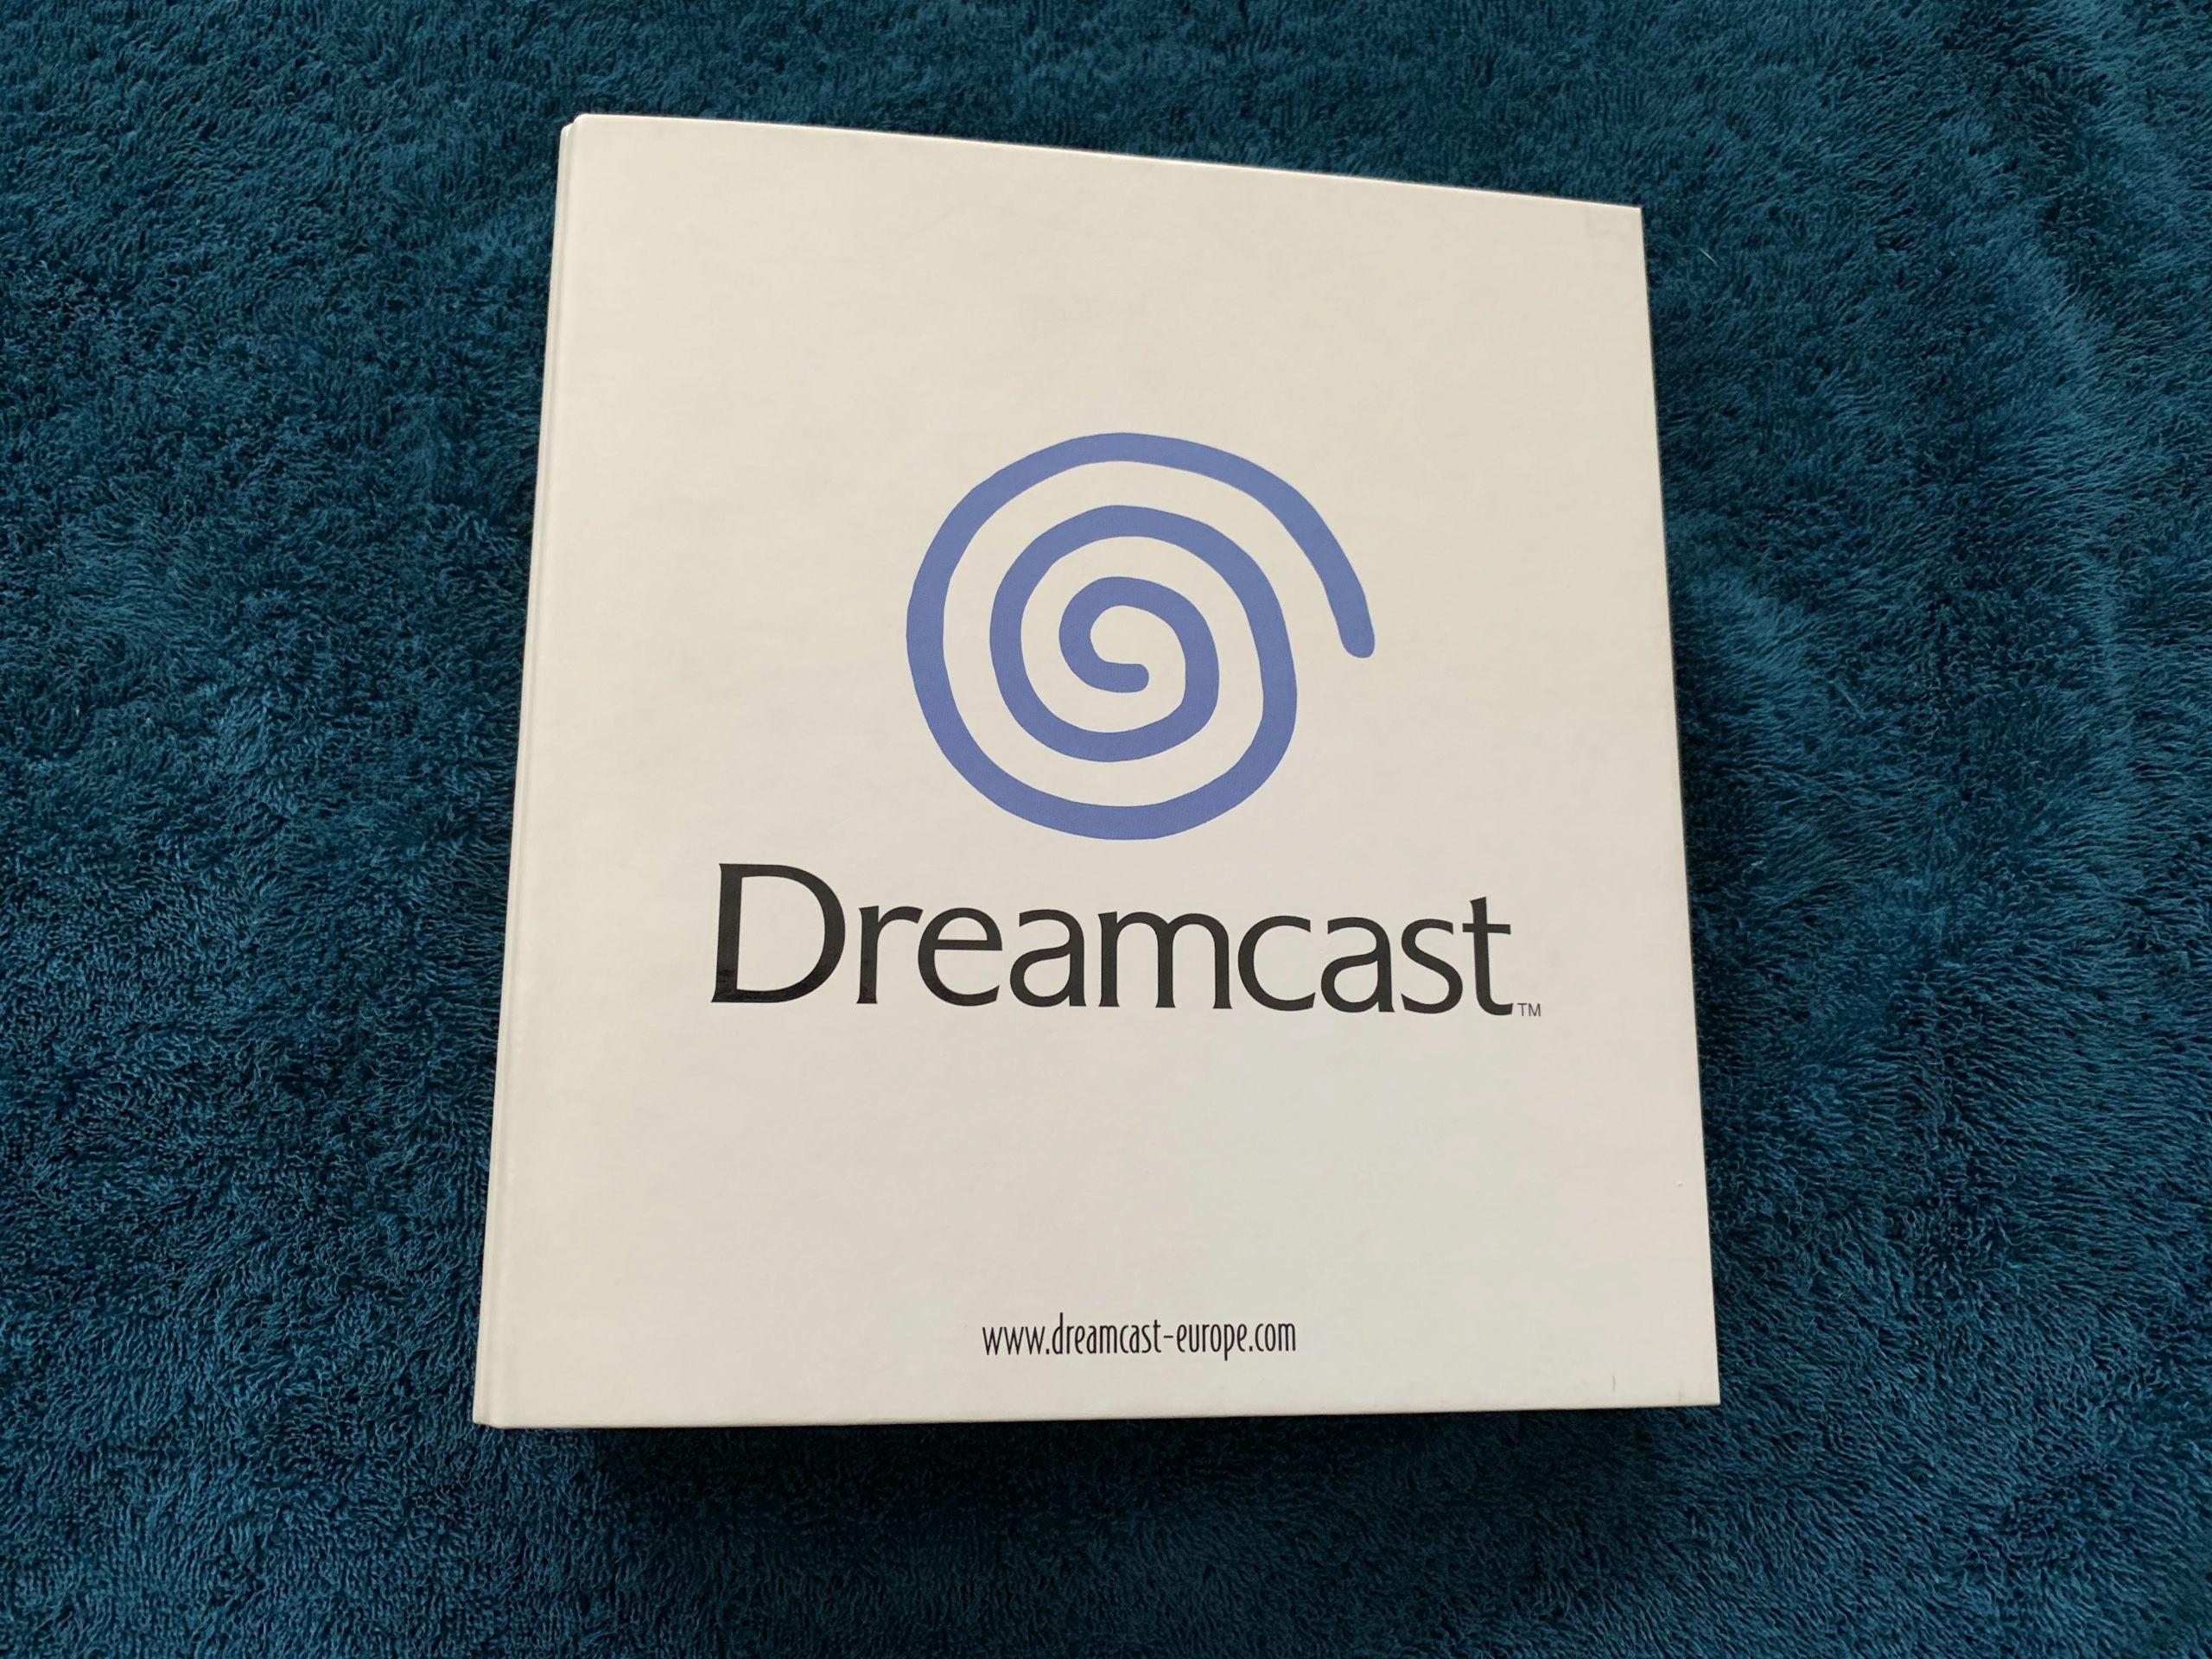 [VENDU] Fullset Jeux Dreamcast, Accessoires, Promo, Rigides... - 350 pièces - NEUF SOUS BLISTER 050_cl10